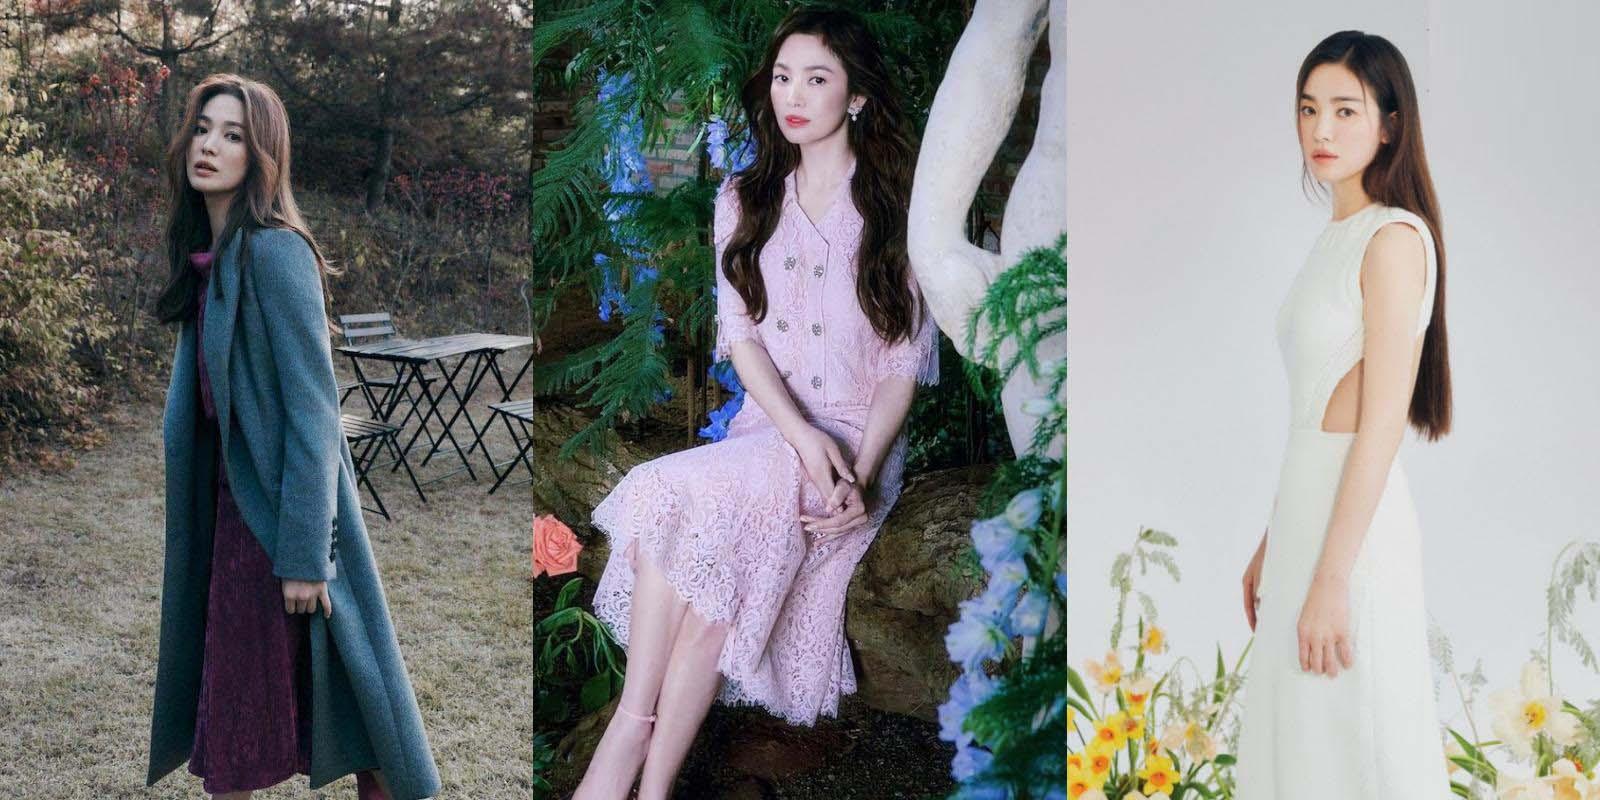 Song Hye Kyo khoe sắc trên tạp chí, Song Joong Ki amp;#34;phản đònamp;#34; phô diễn body lực lưỡng trong phim - 3